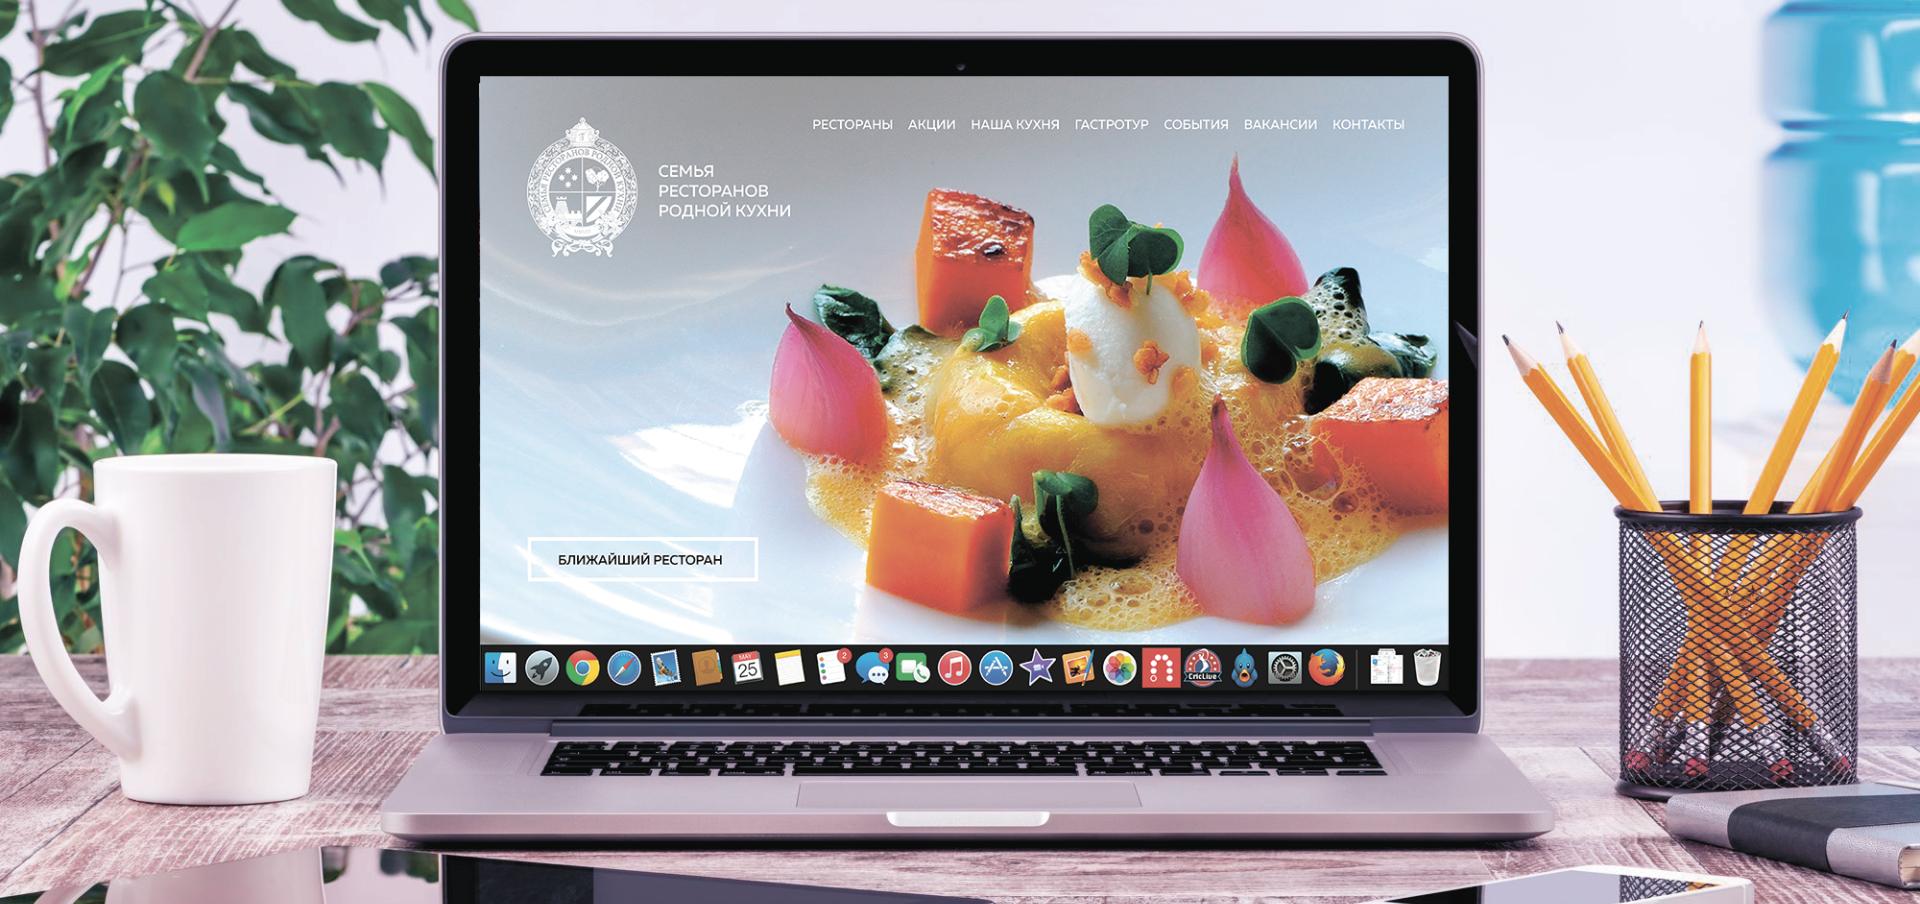 Семья ресторанов Родной кухни - HMS Brands - кейсы, брендинг - сайт